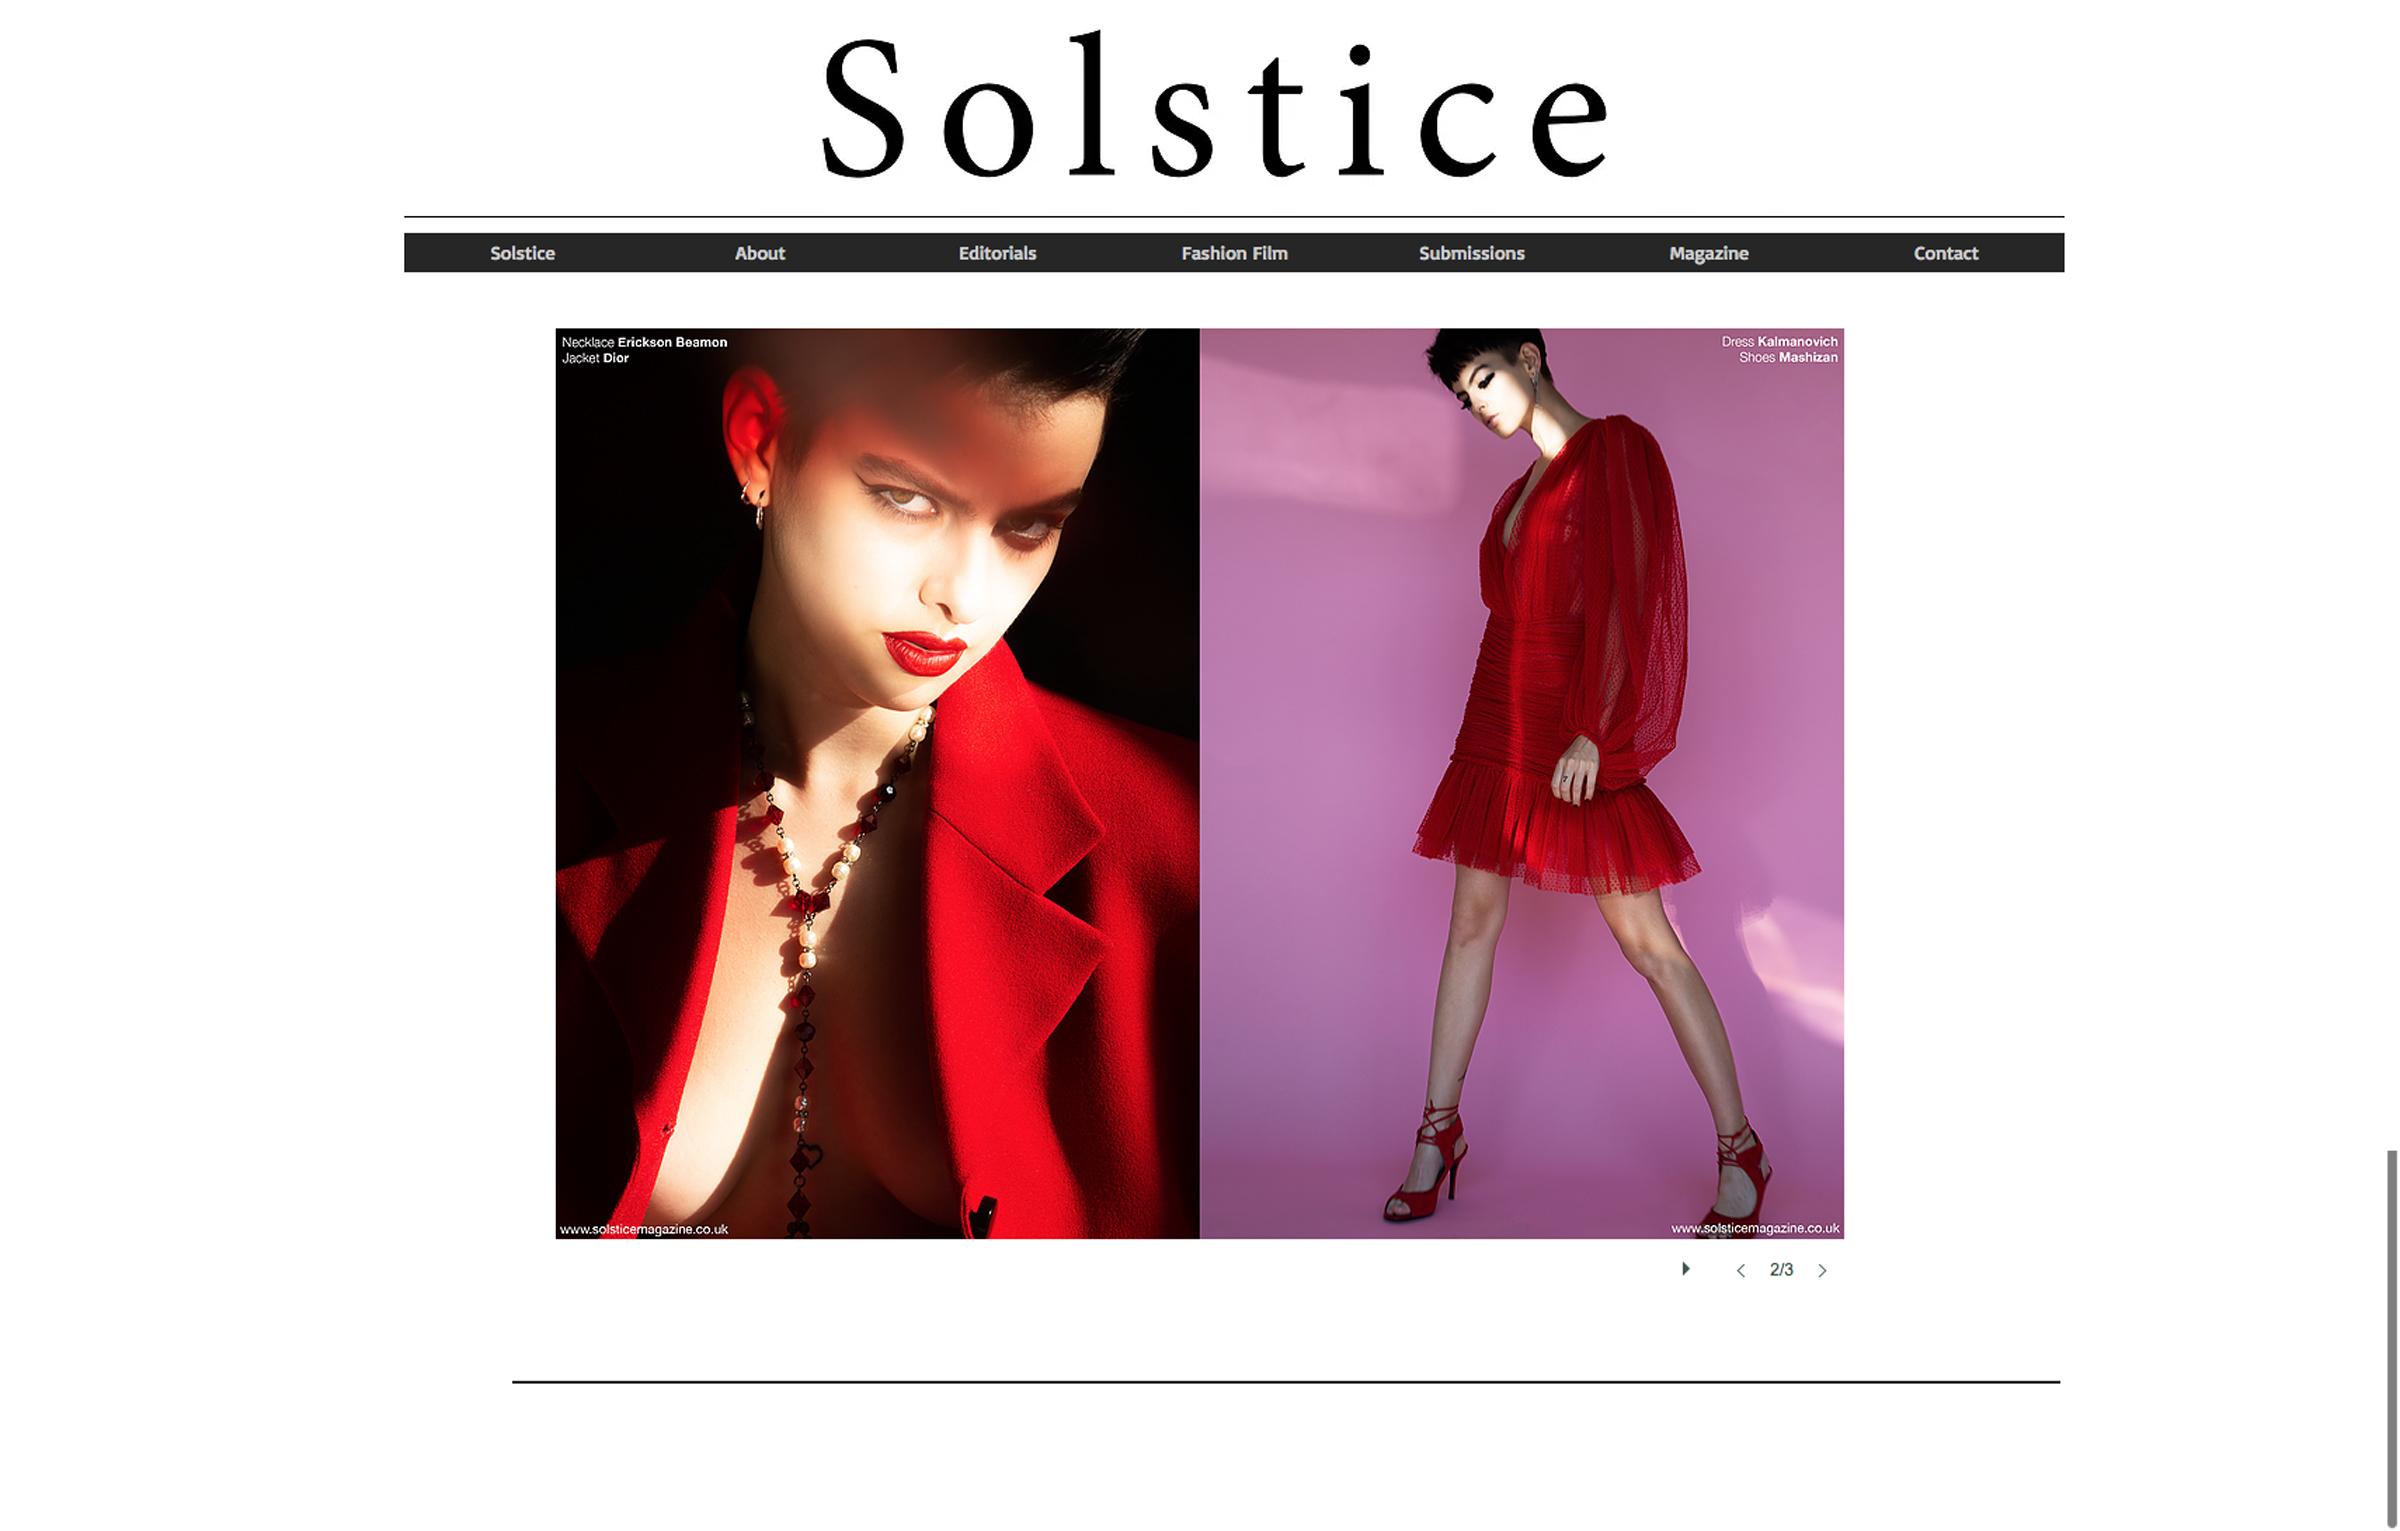 10.29.18 Solsticemagazine.co.uk Kalmanovich .jpg